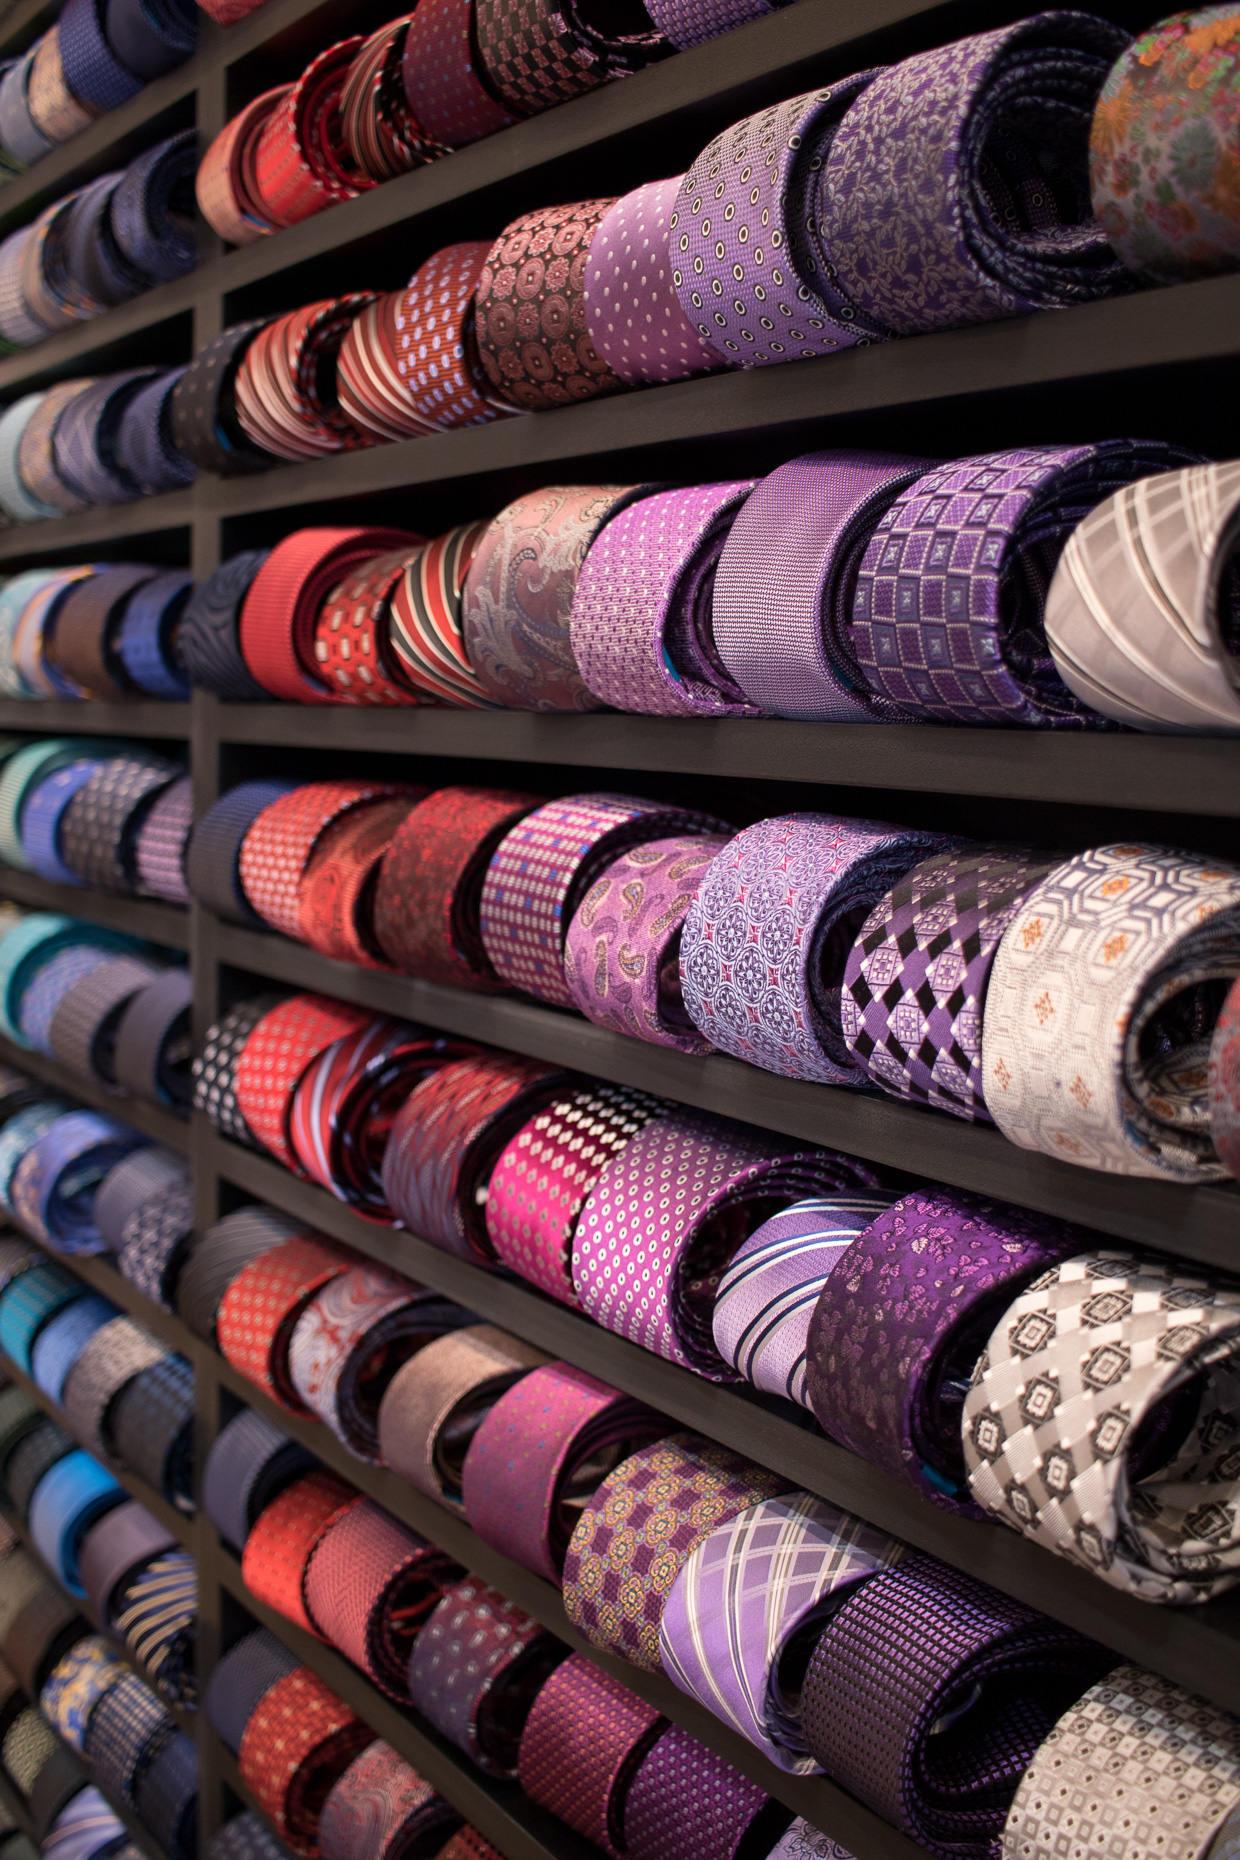 Wall of neckties